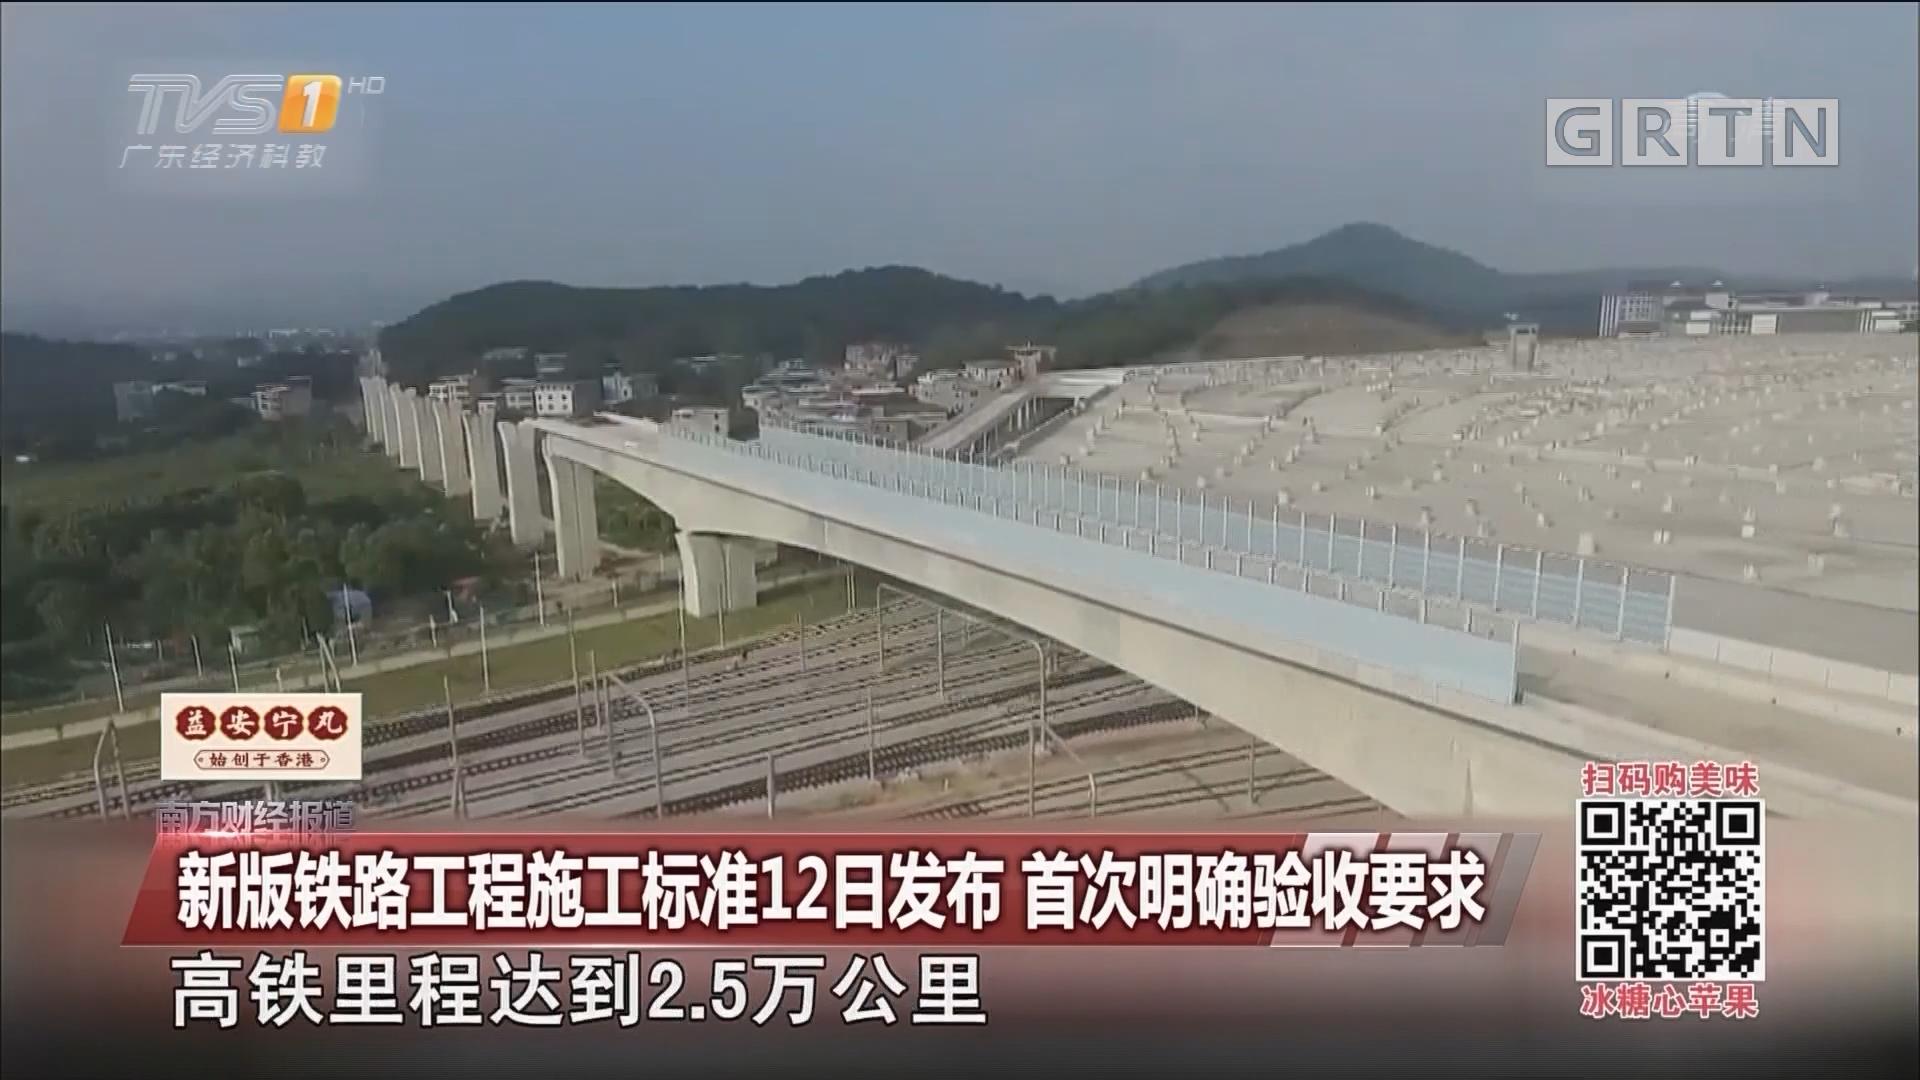 新版铁路工程施工标准12日发布 首次明确验收要求